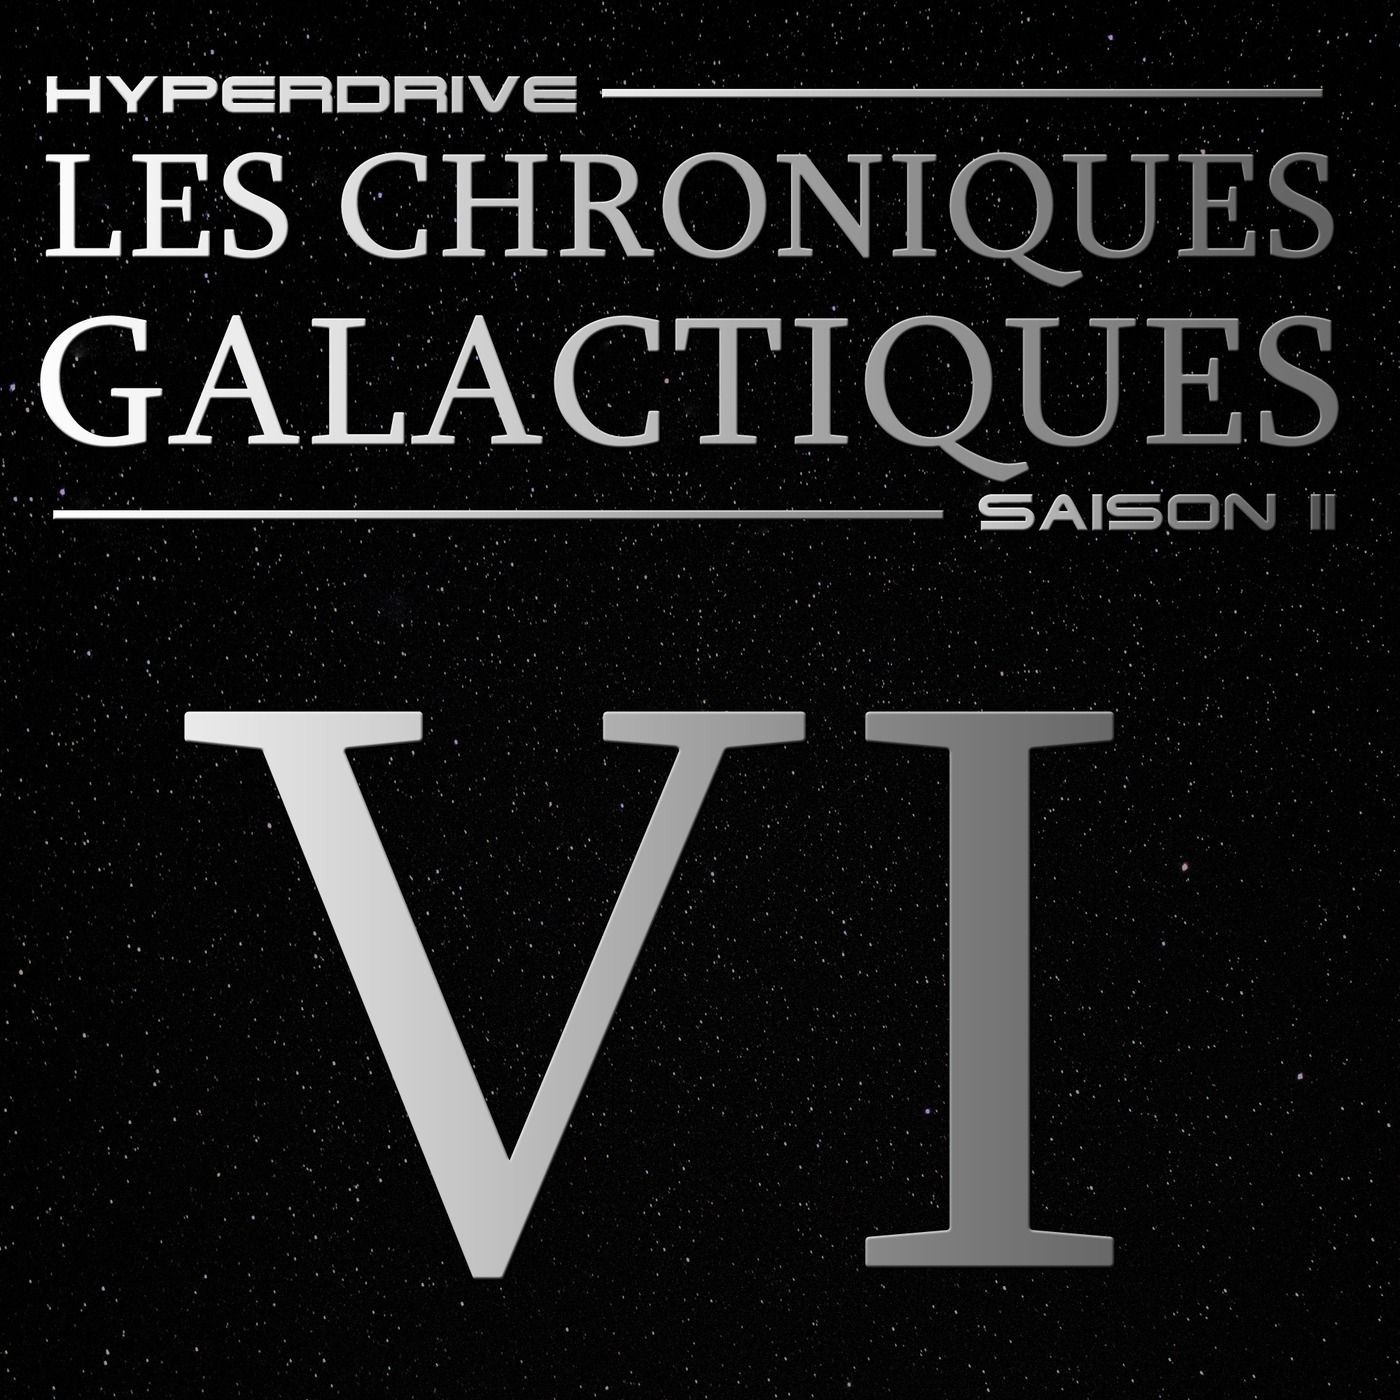 Chroniques Galactiques - S02 - Episode 6/7 - Une action profitable